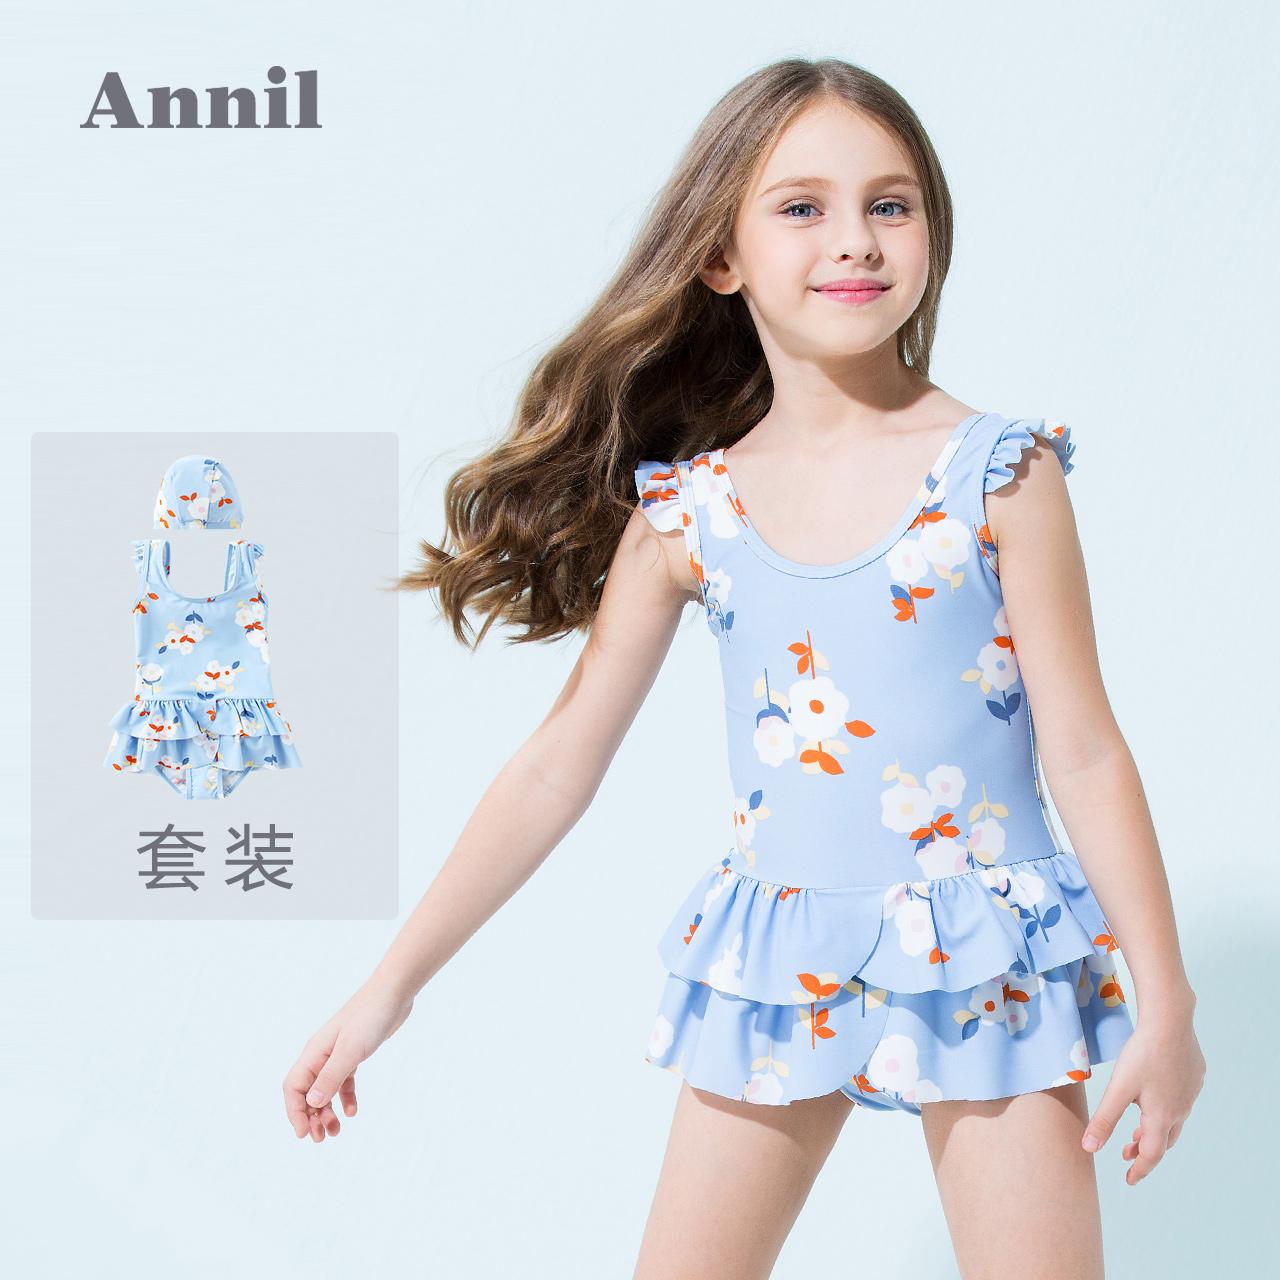 安奈儿童装女童泳衣套装2019夏装新款洋气女孩连体泳装花边裙子薄